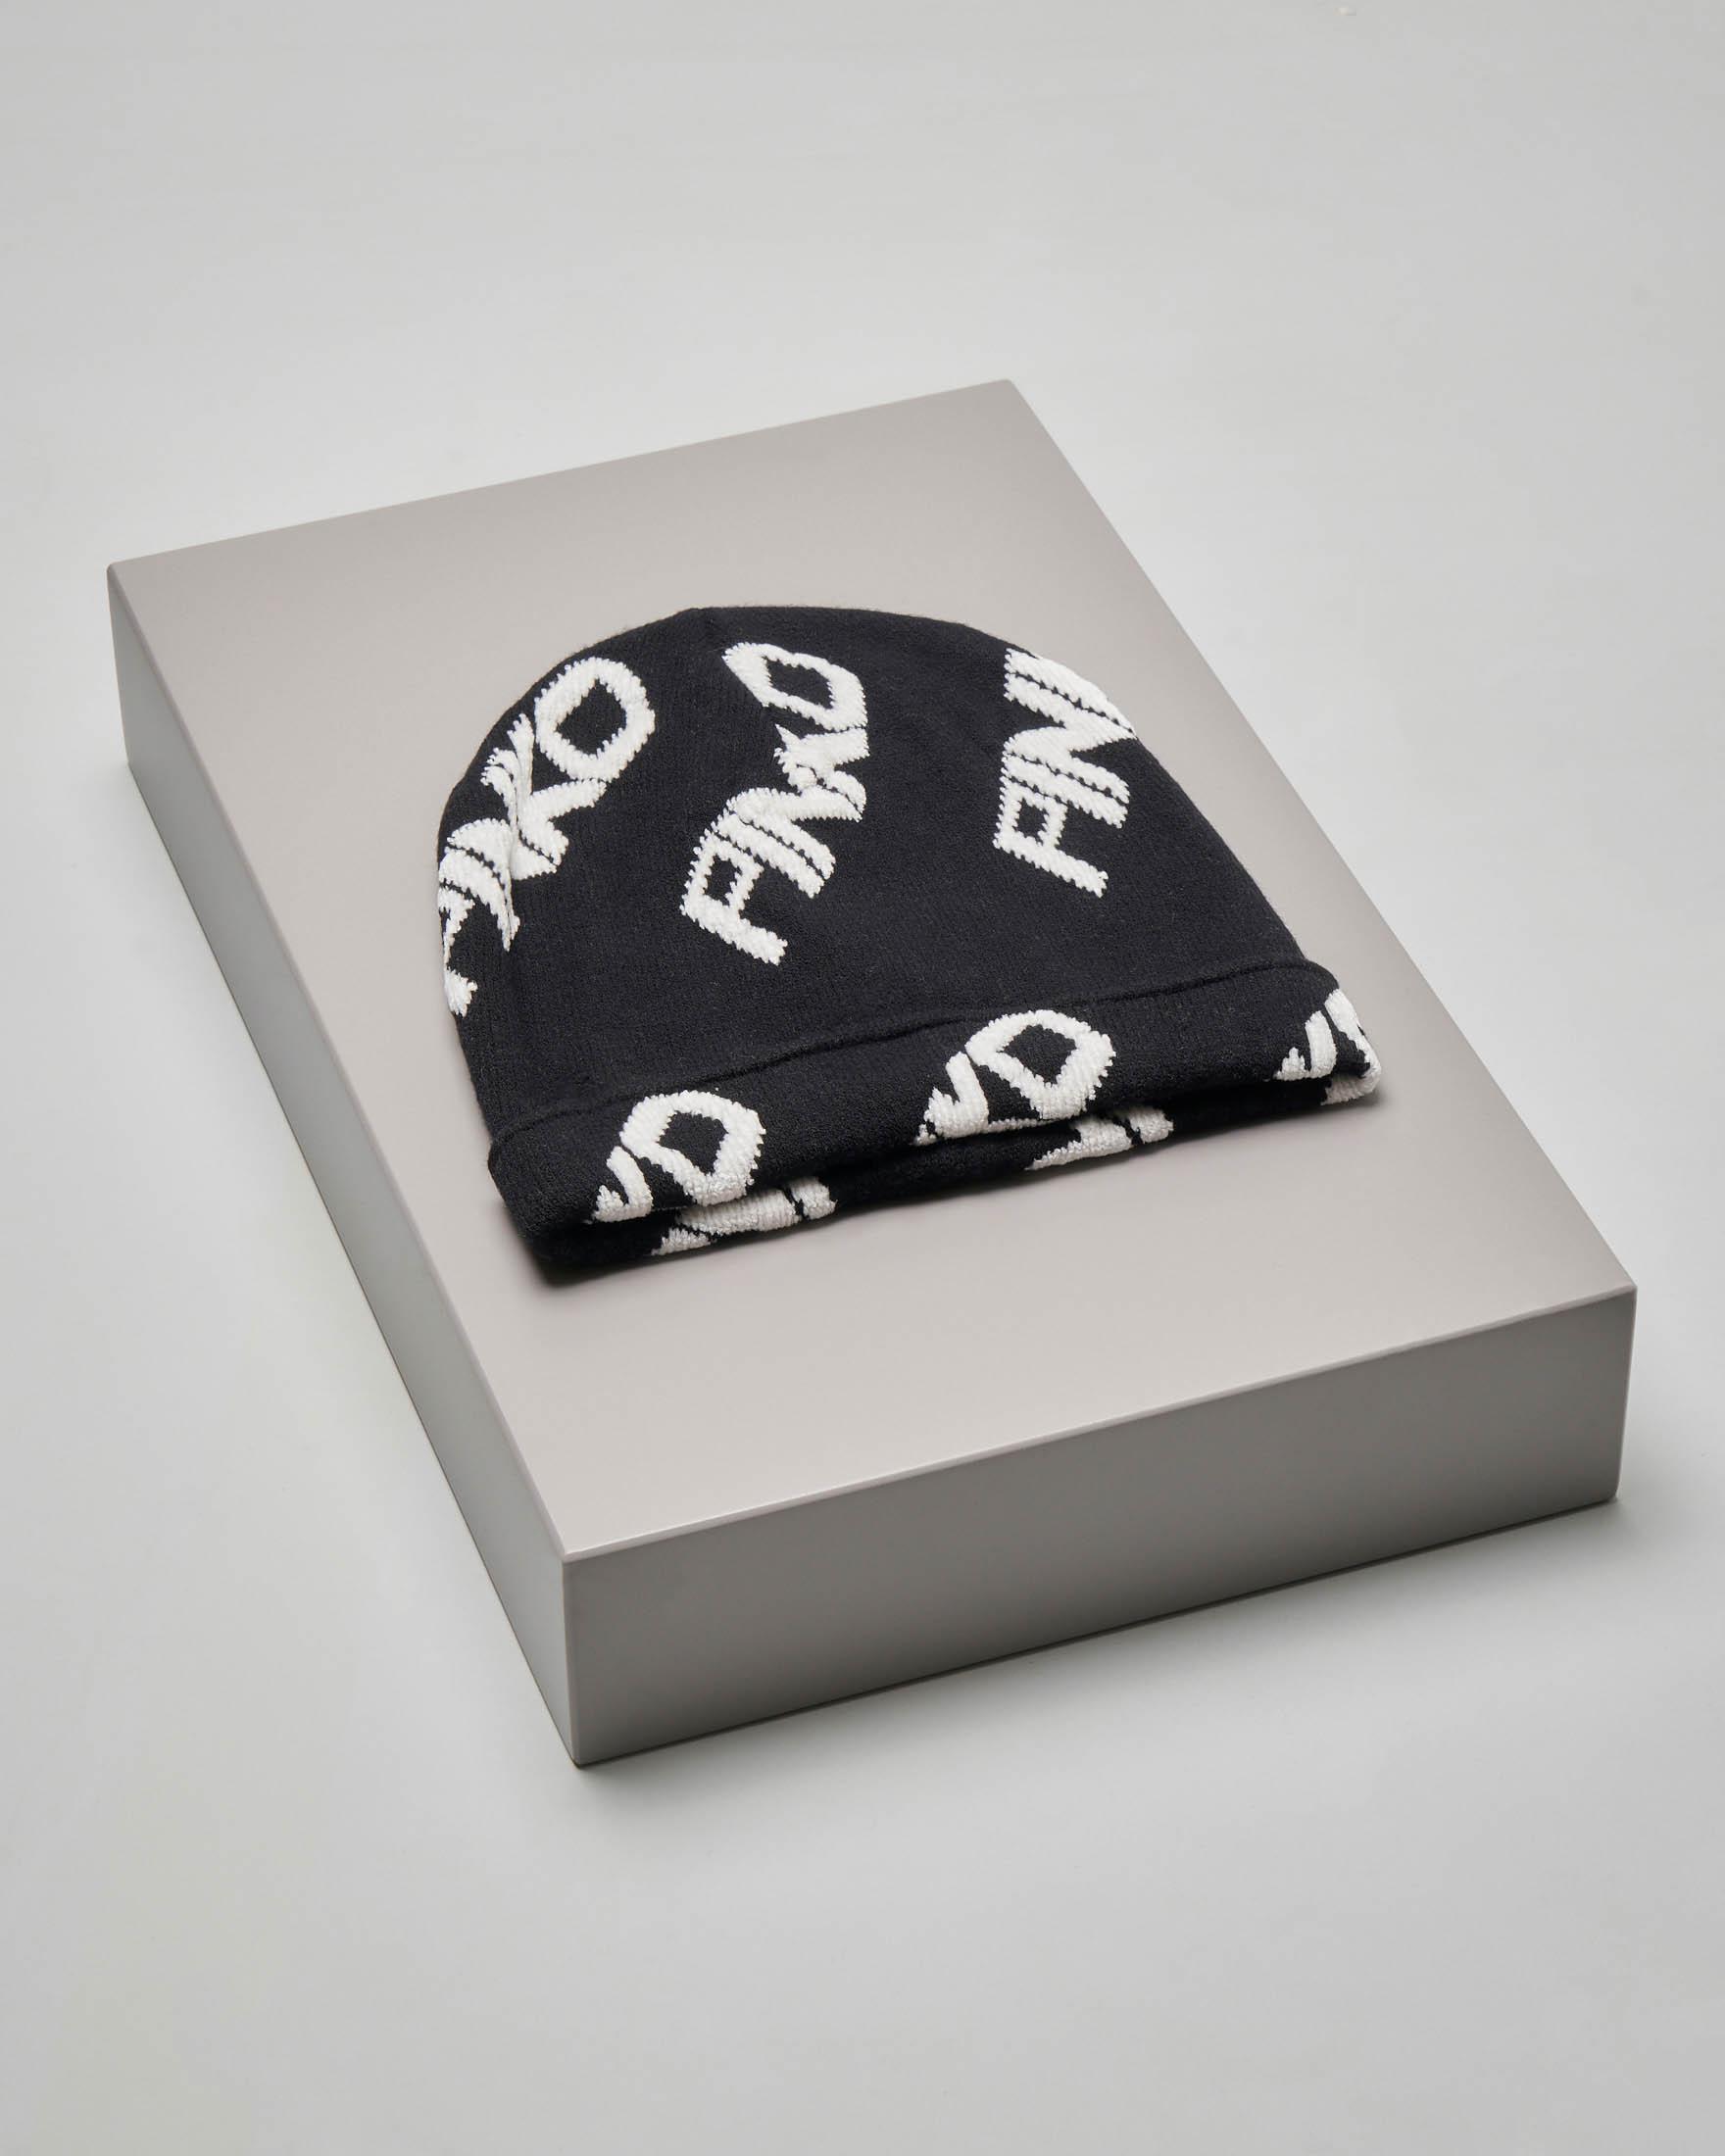 Berretto nero con logo Pinko jacquard bianco all over